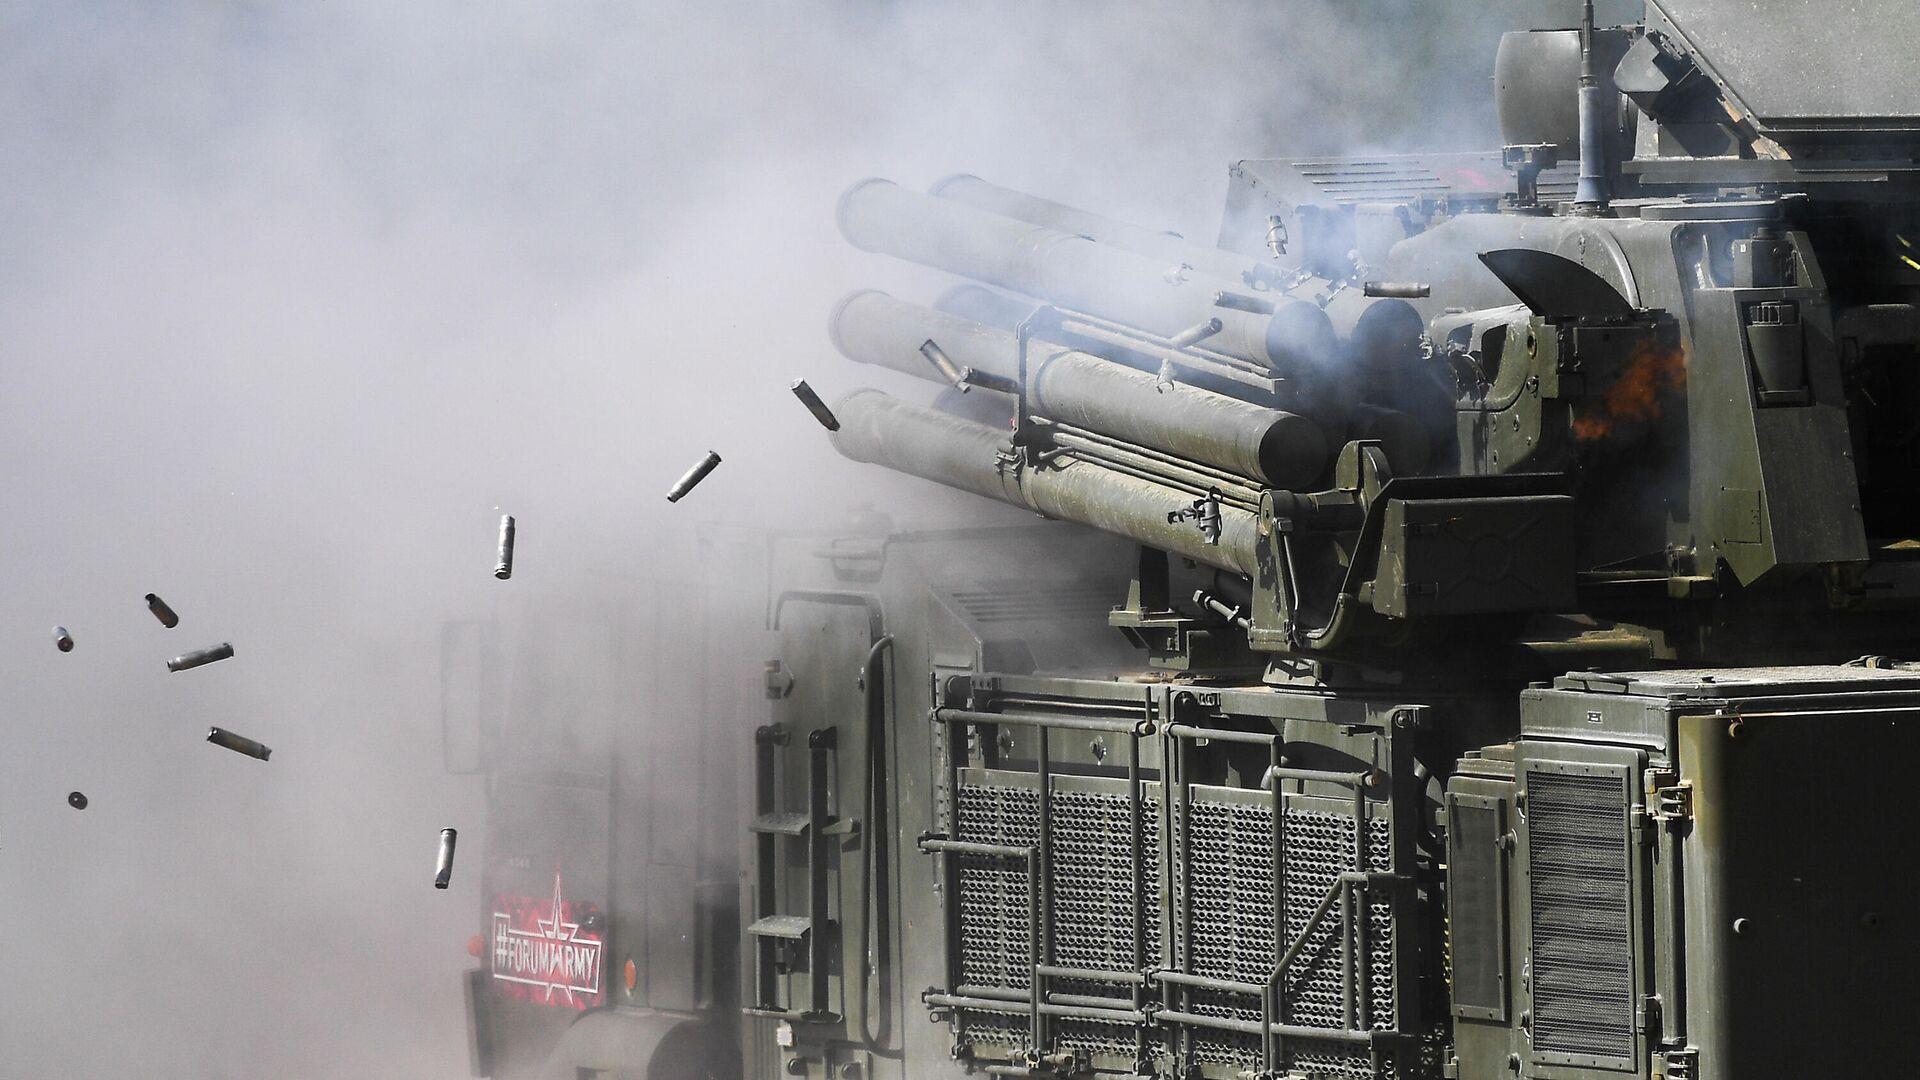 Зенитный ракетно-пушечный комплекс Панцирь-С1  - РИА Новости, 1920, 29.01.2021